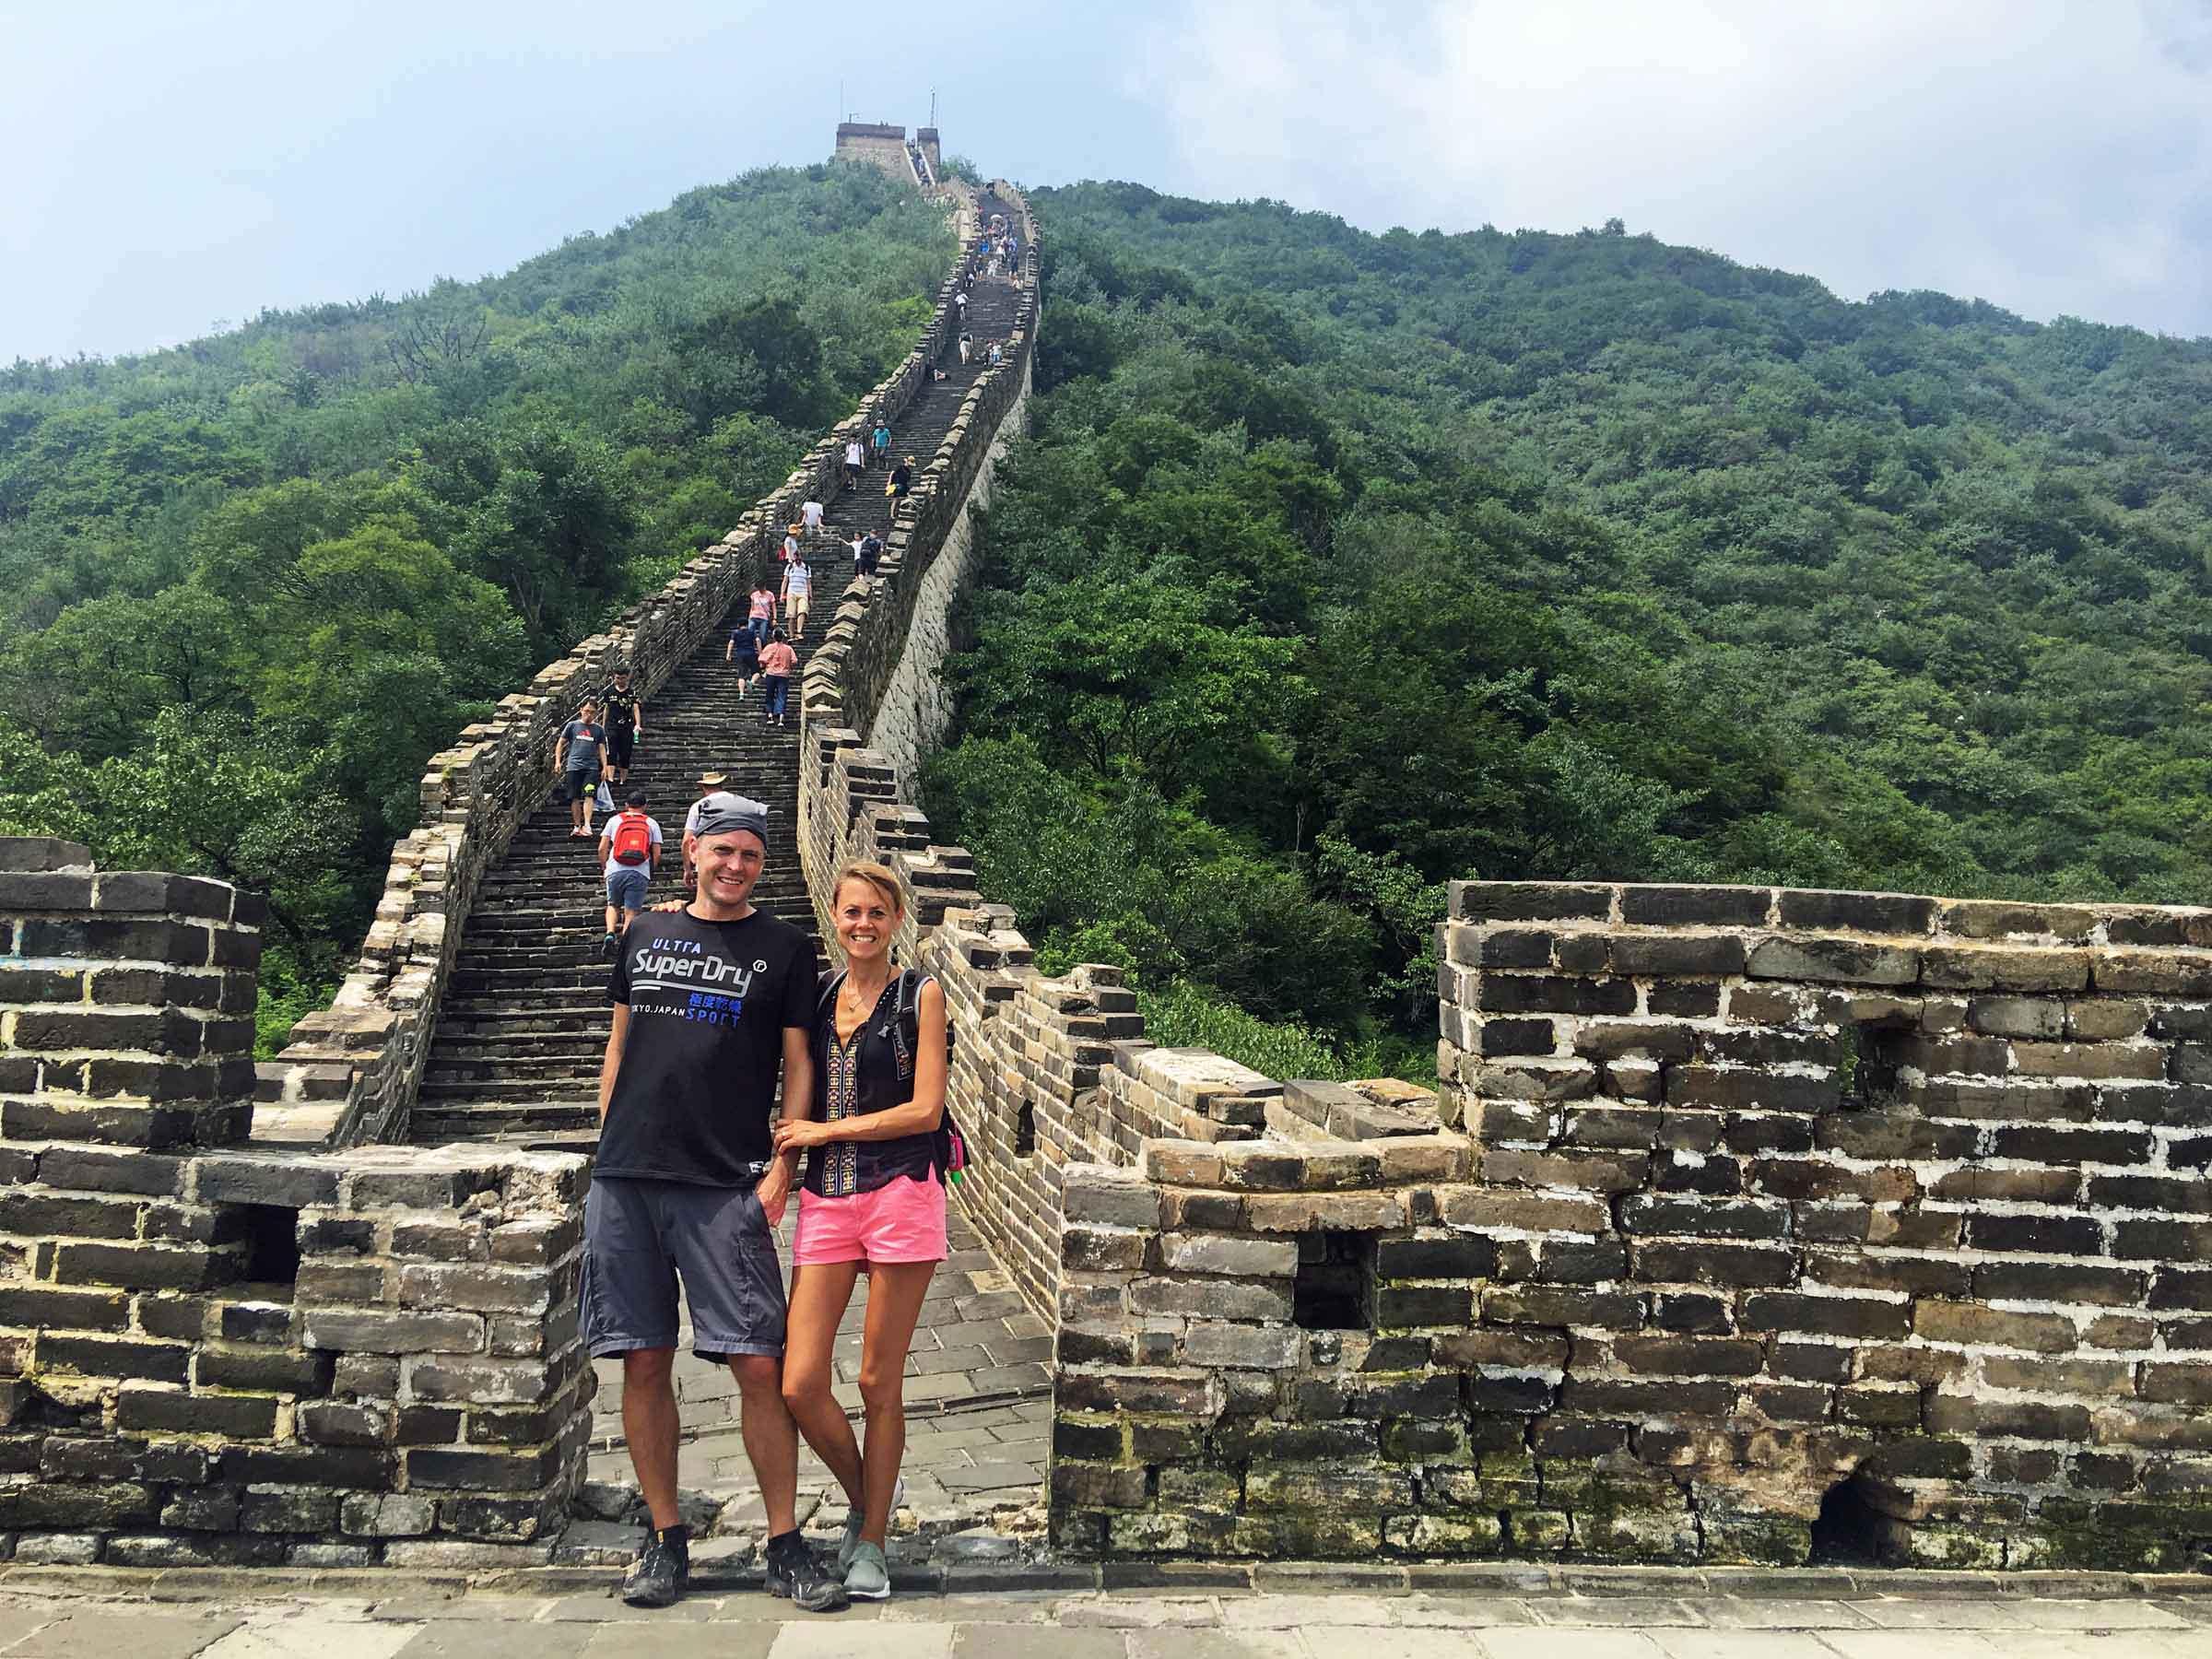 Chinesische Mauer Karte.Chinesische Mauer Abschnitte Touren Preise Tipps Zum Weltwunder